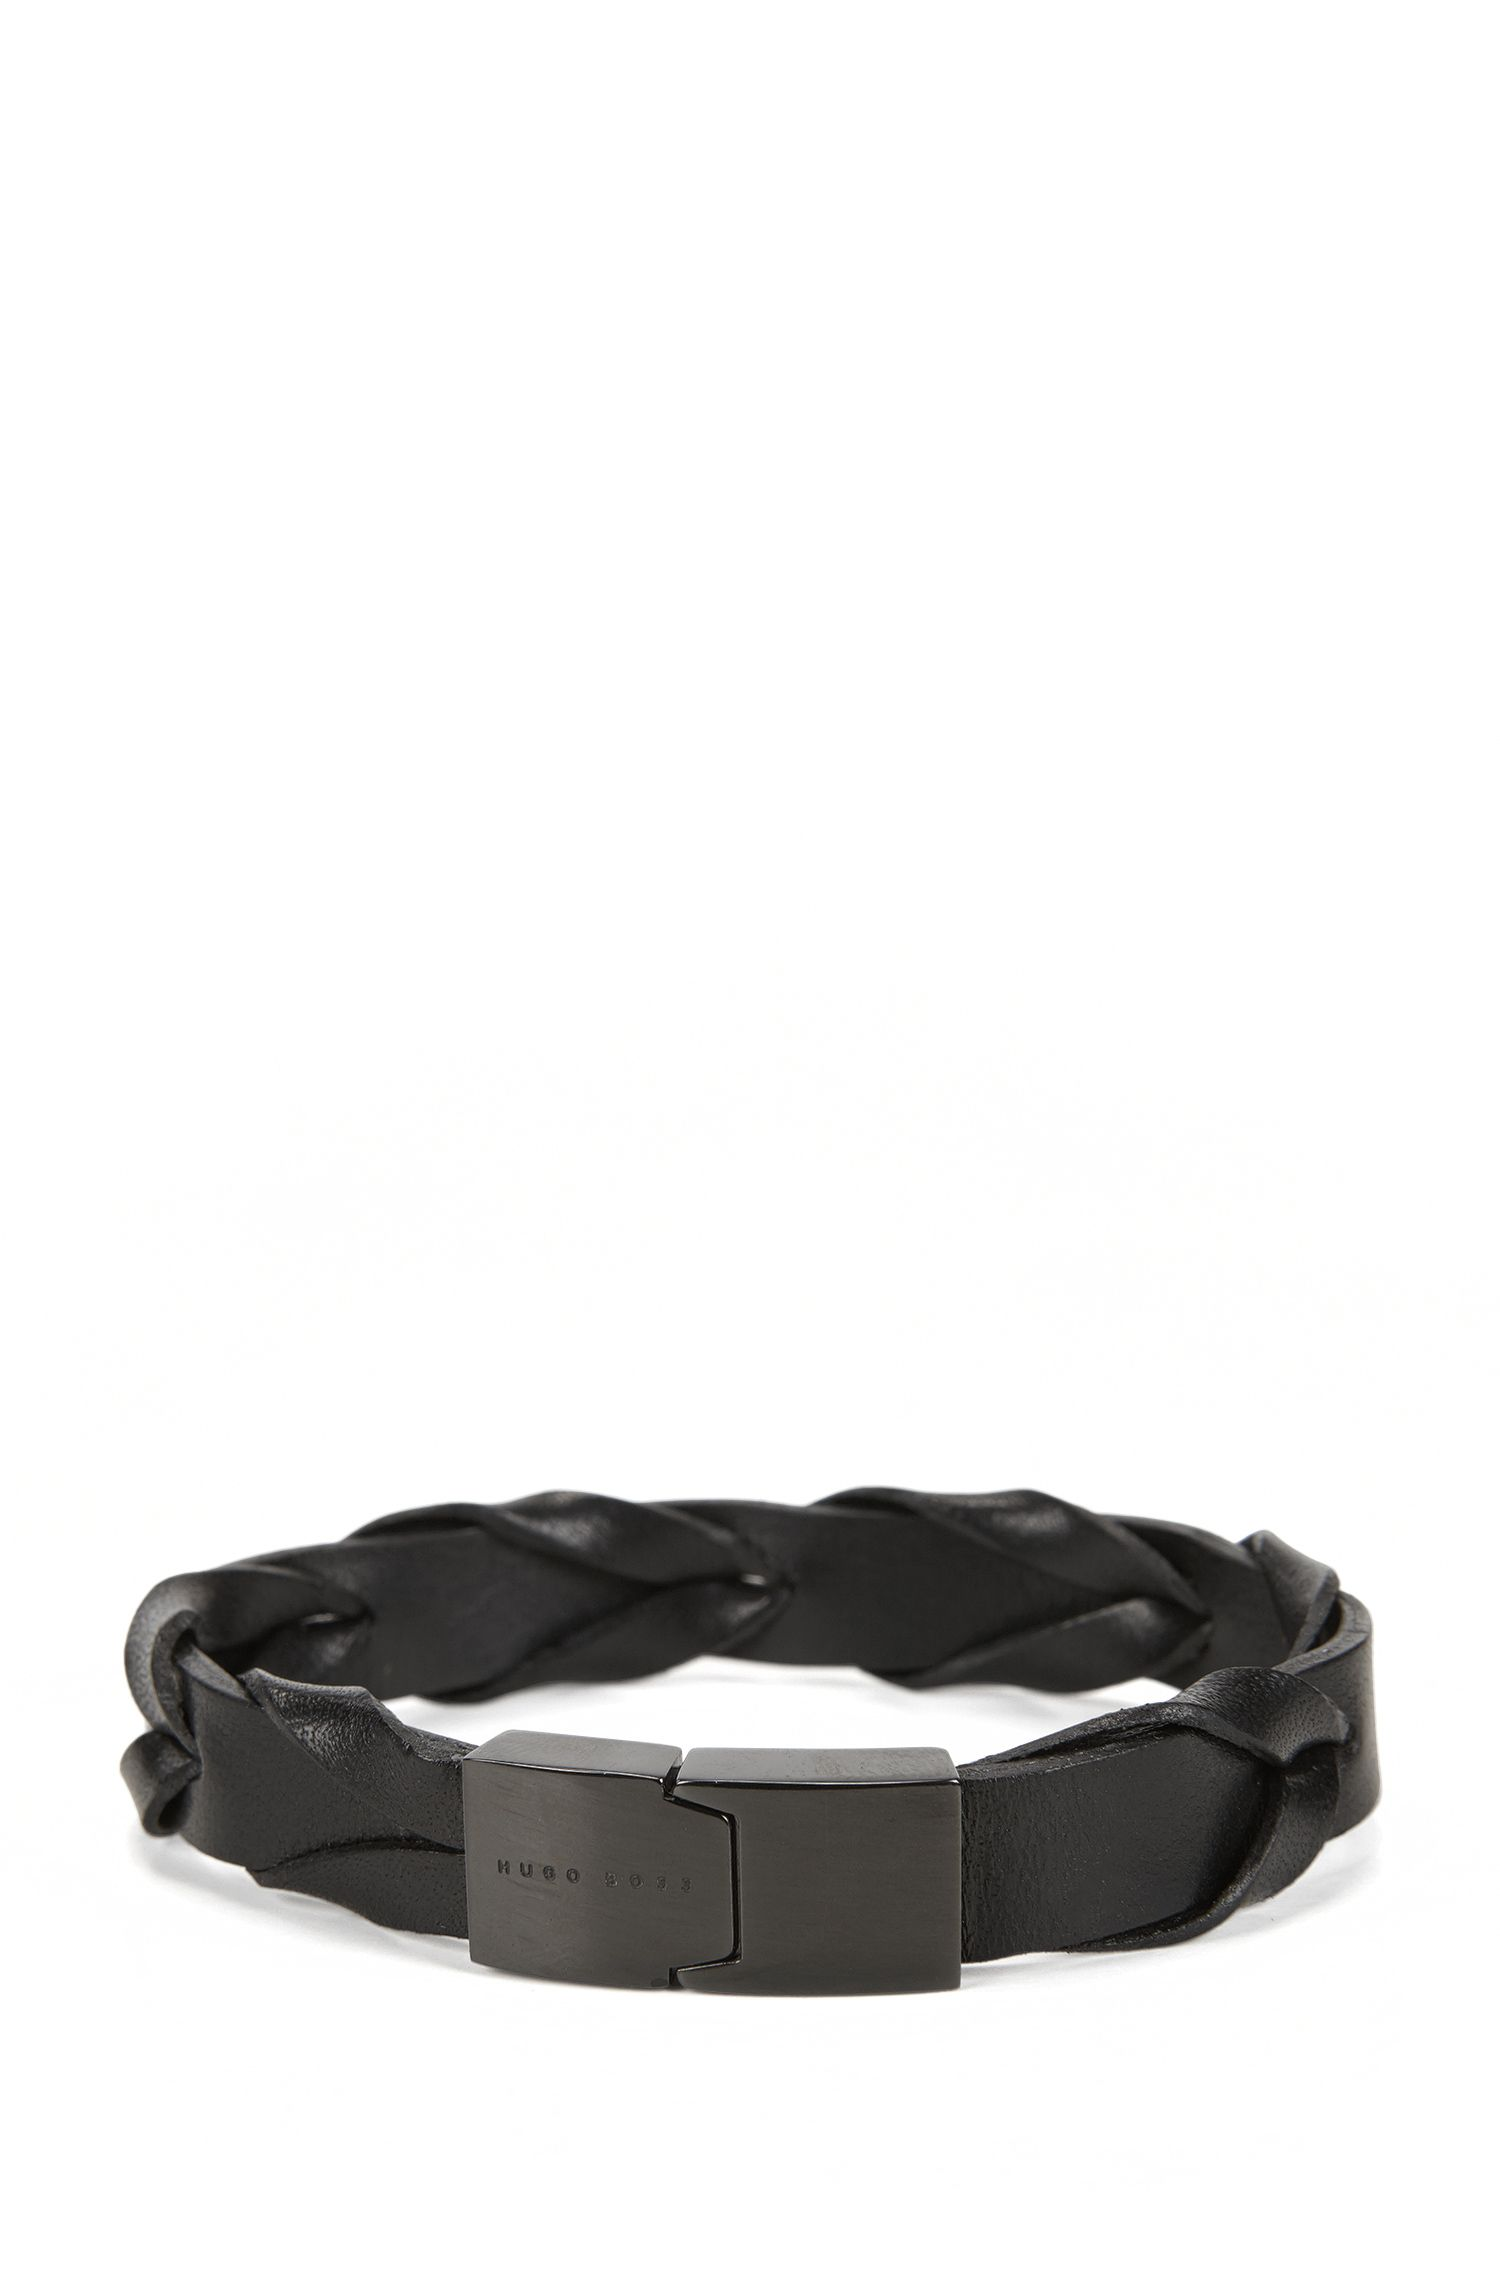 Bracelet en cuir tressé à fermoir magnétique